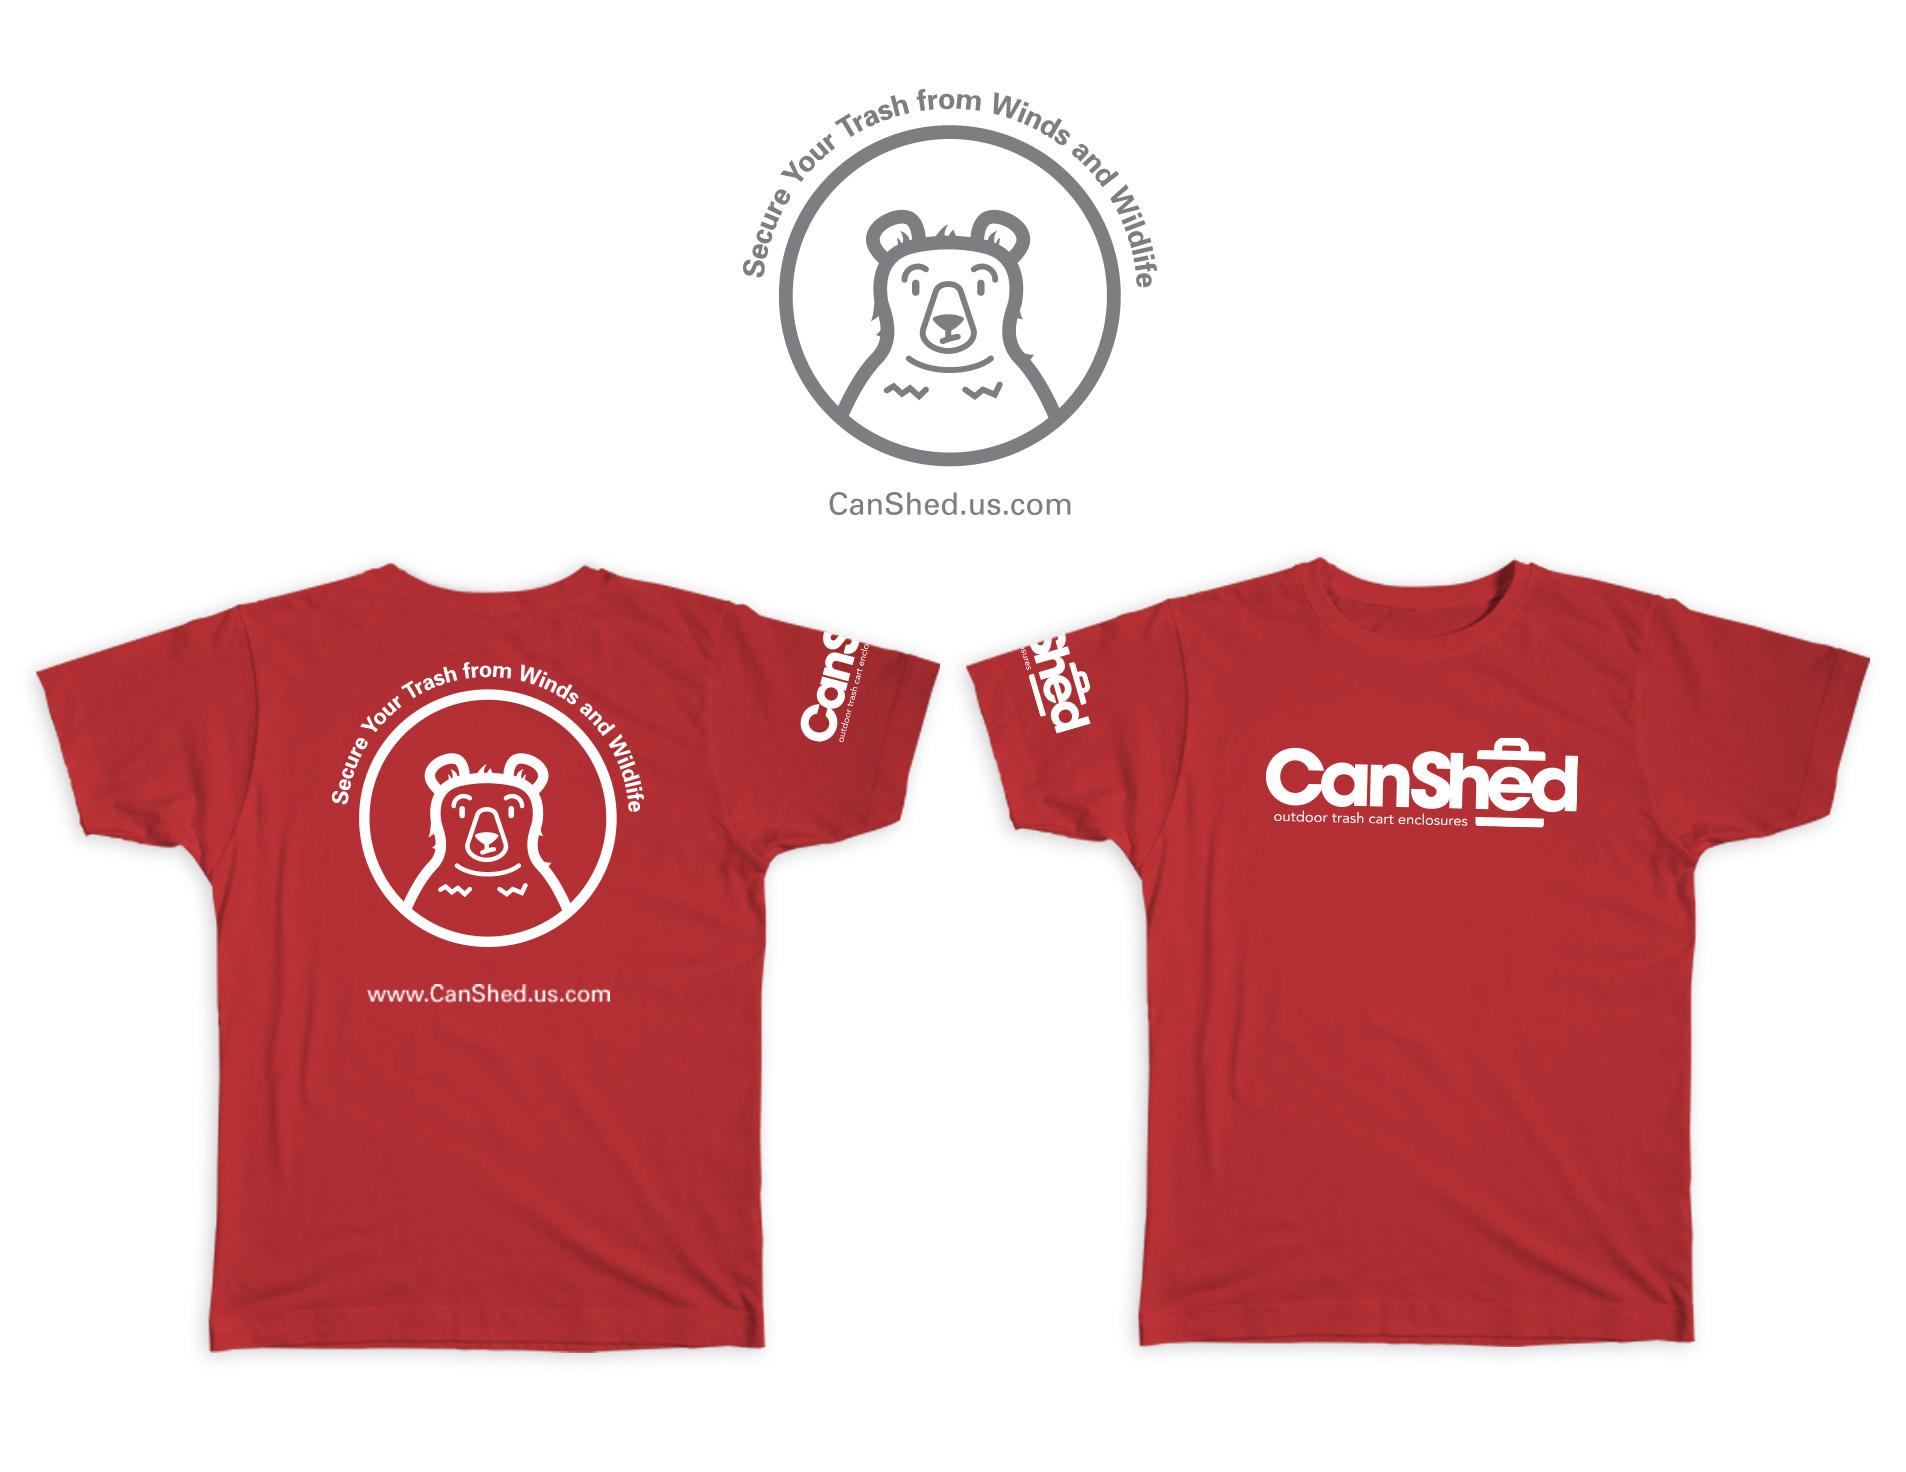 canshed logo on shirts